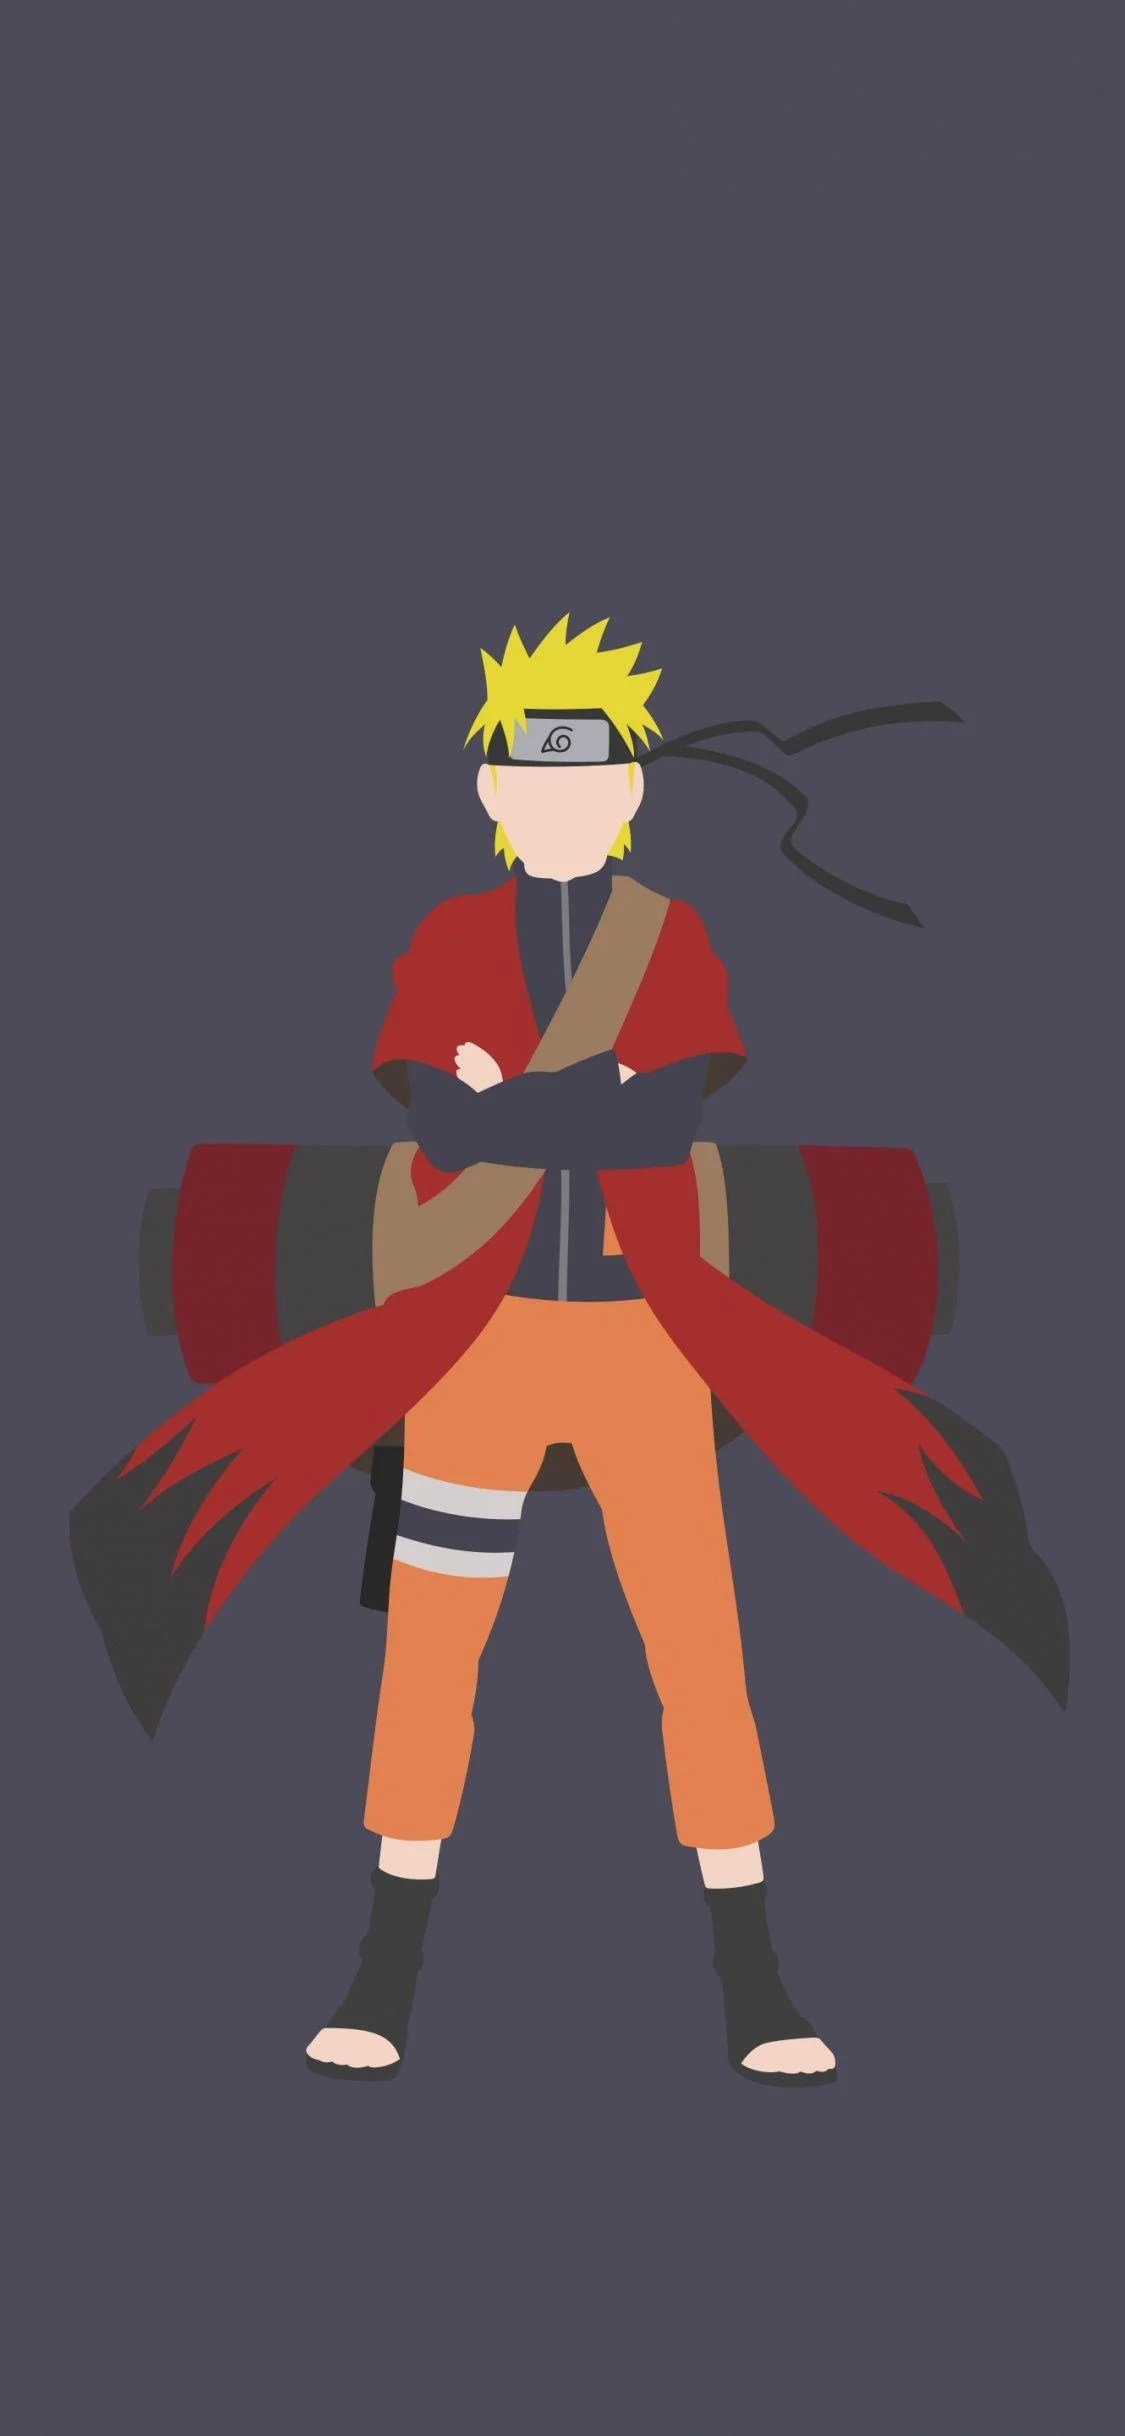 Naruto Wallpaper For Phone   Download Naruto Wallpaper Phone ...